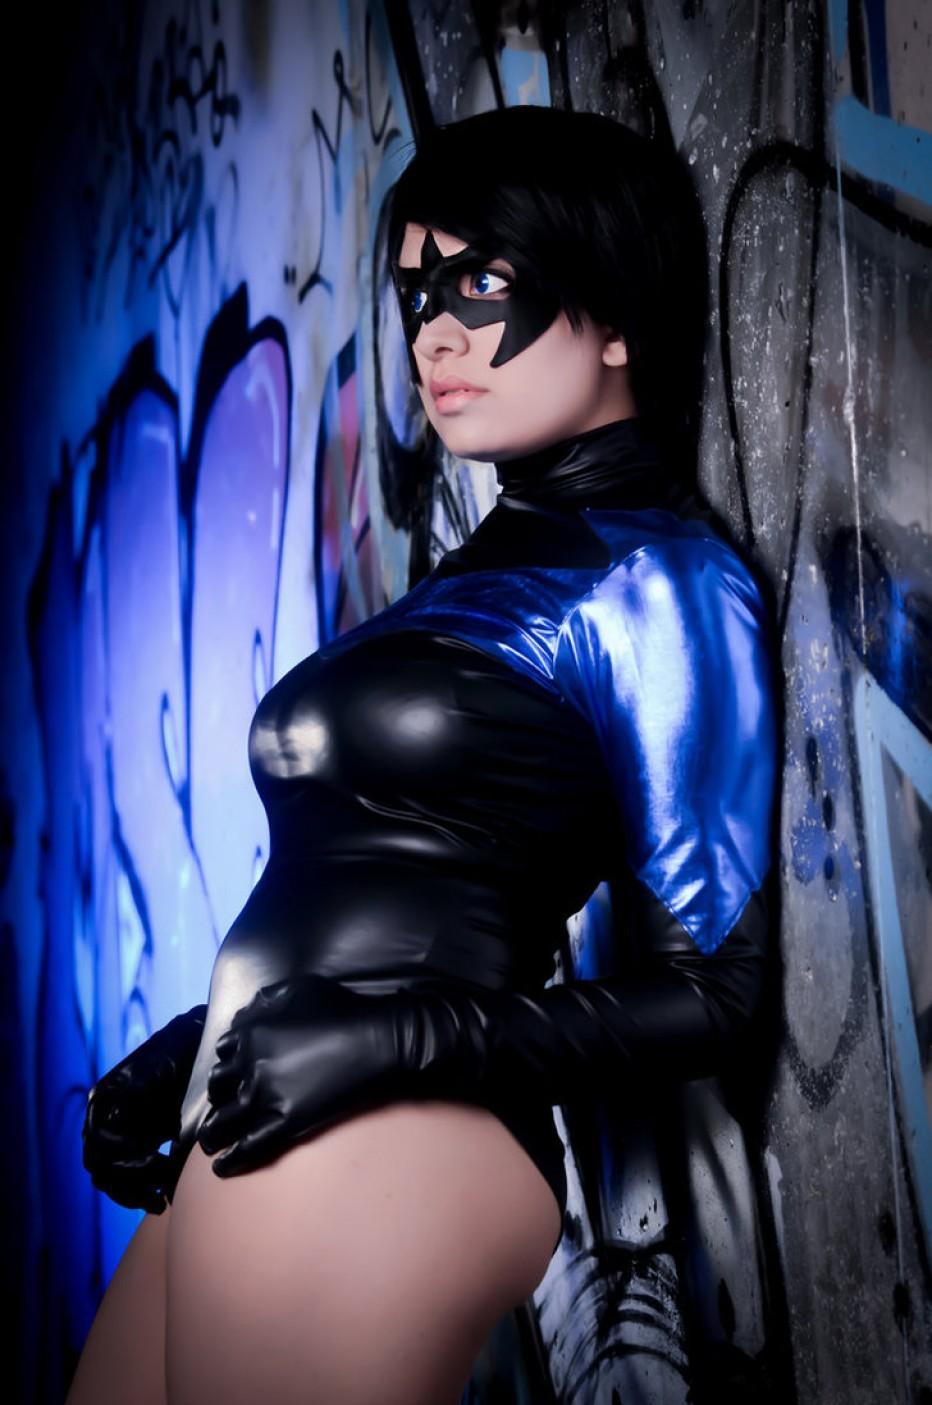 Nightwing-Cosplay-Gamers-Heroes-1.jpg